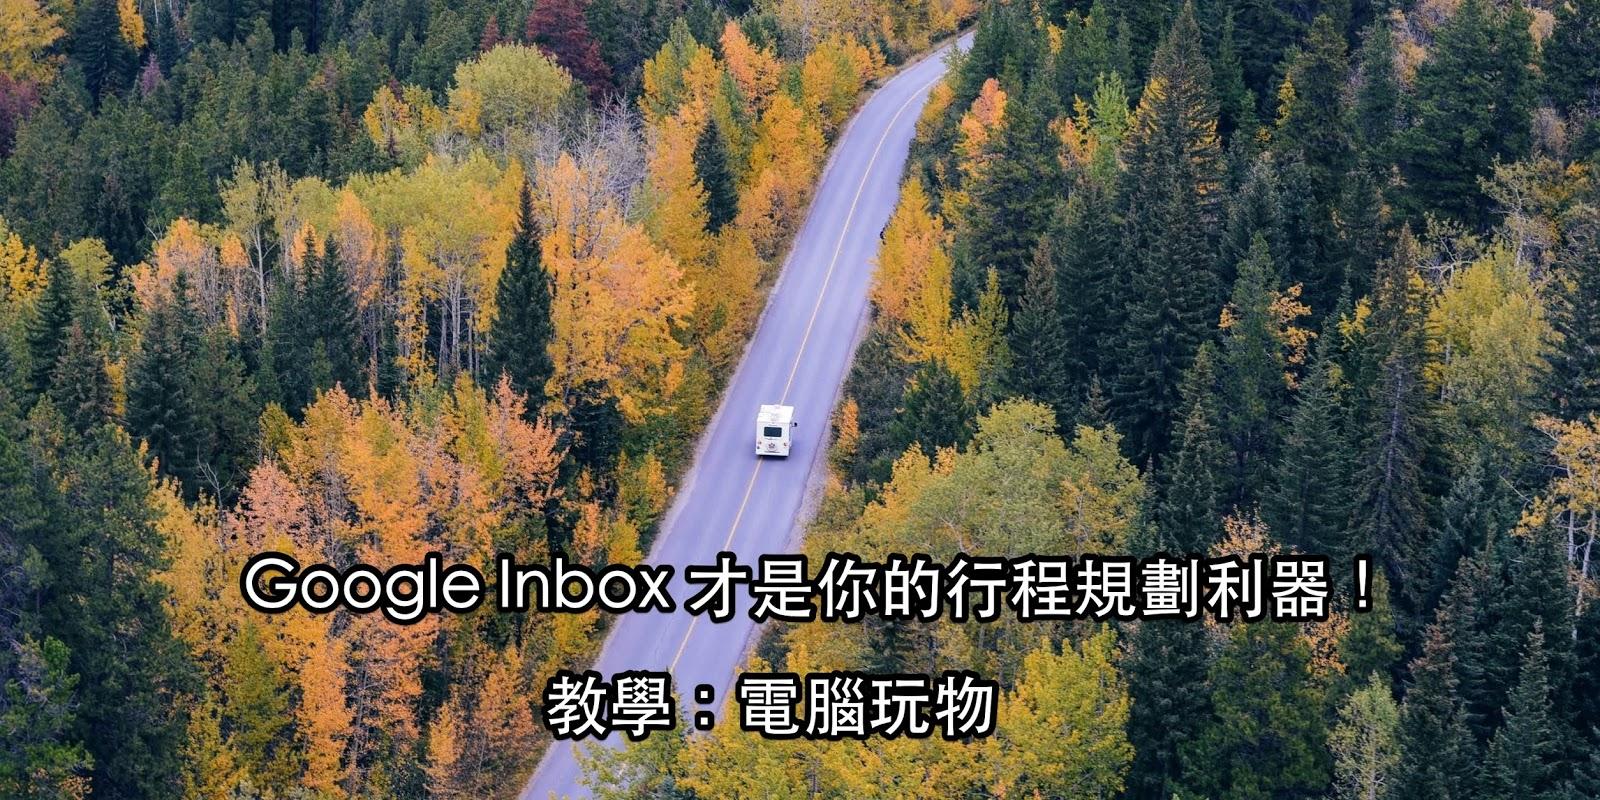 不只收信! Google Inbox 才是最佳旅遊行程規劃軟體